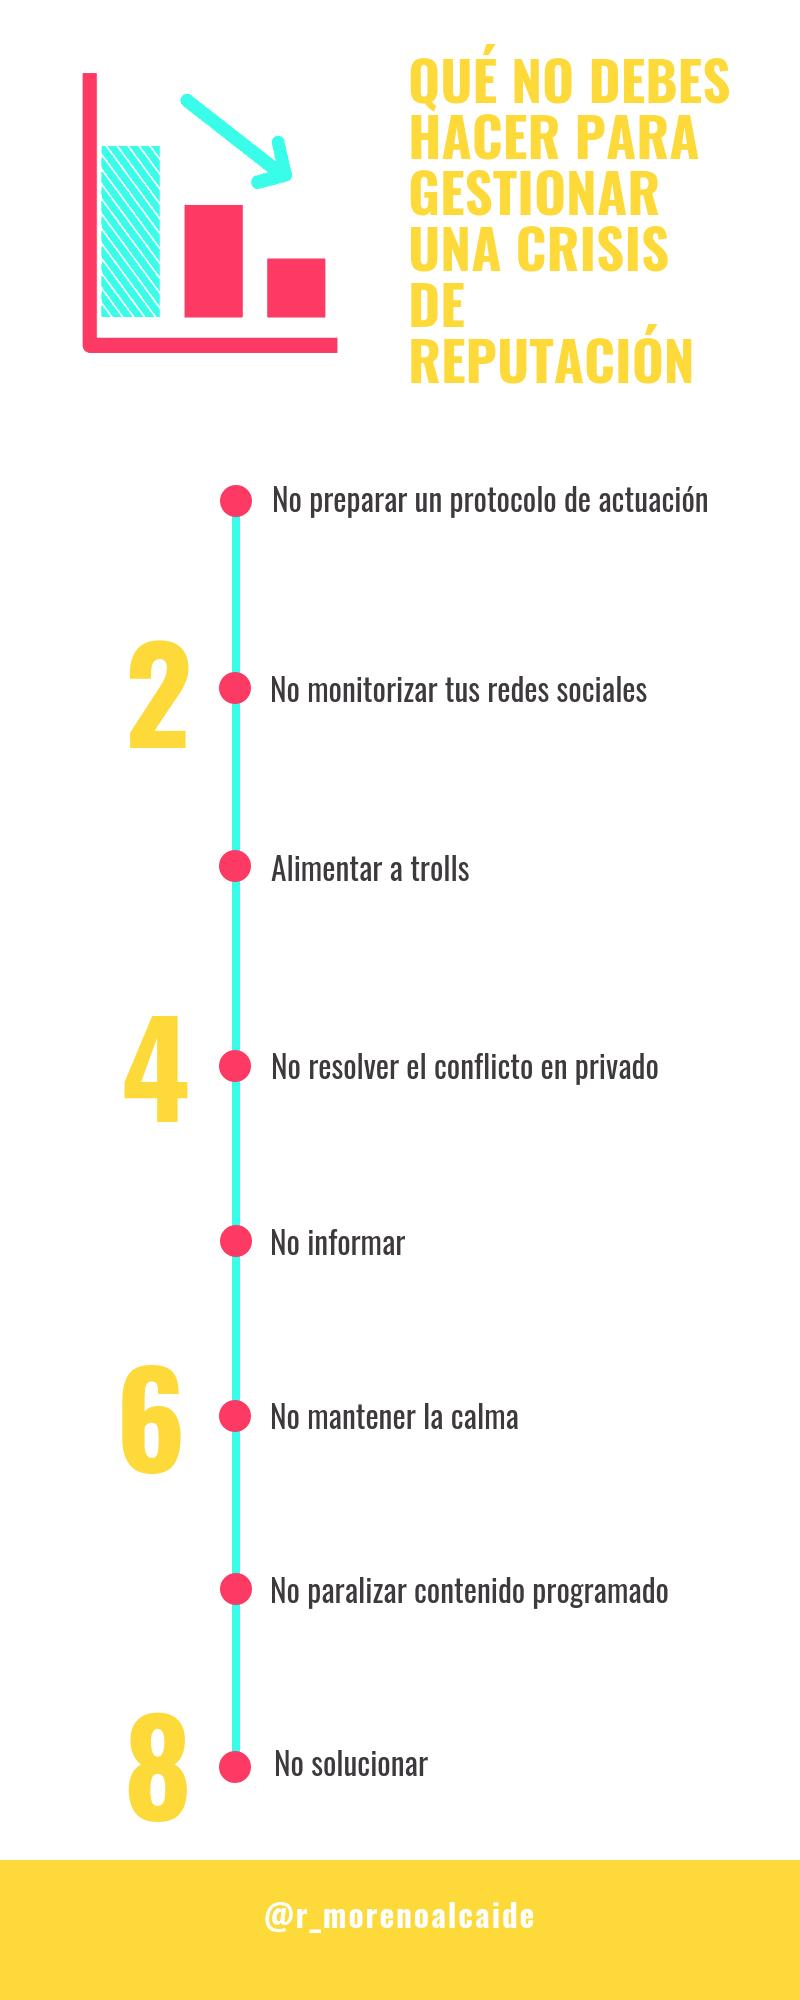 Qué no debes hacer para gestionar una Crisis de Reputación online #infografia #marketing